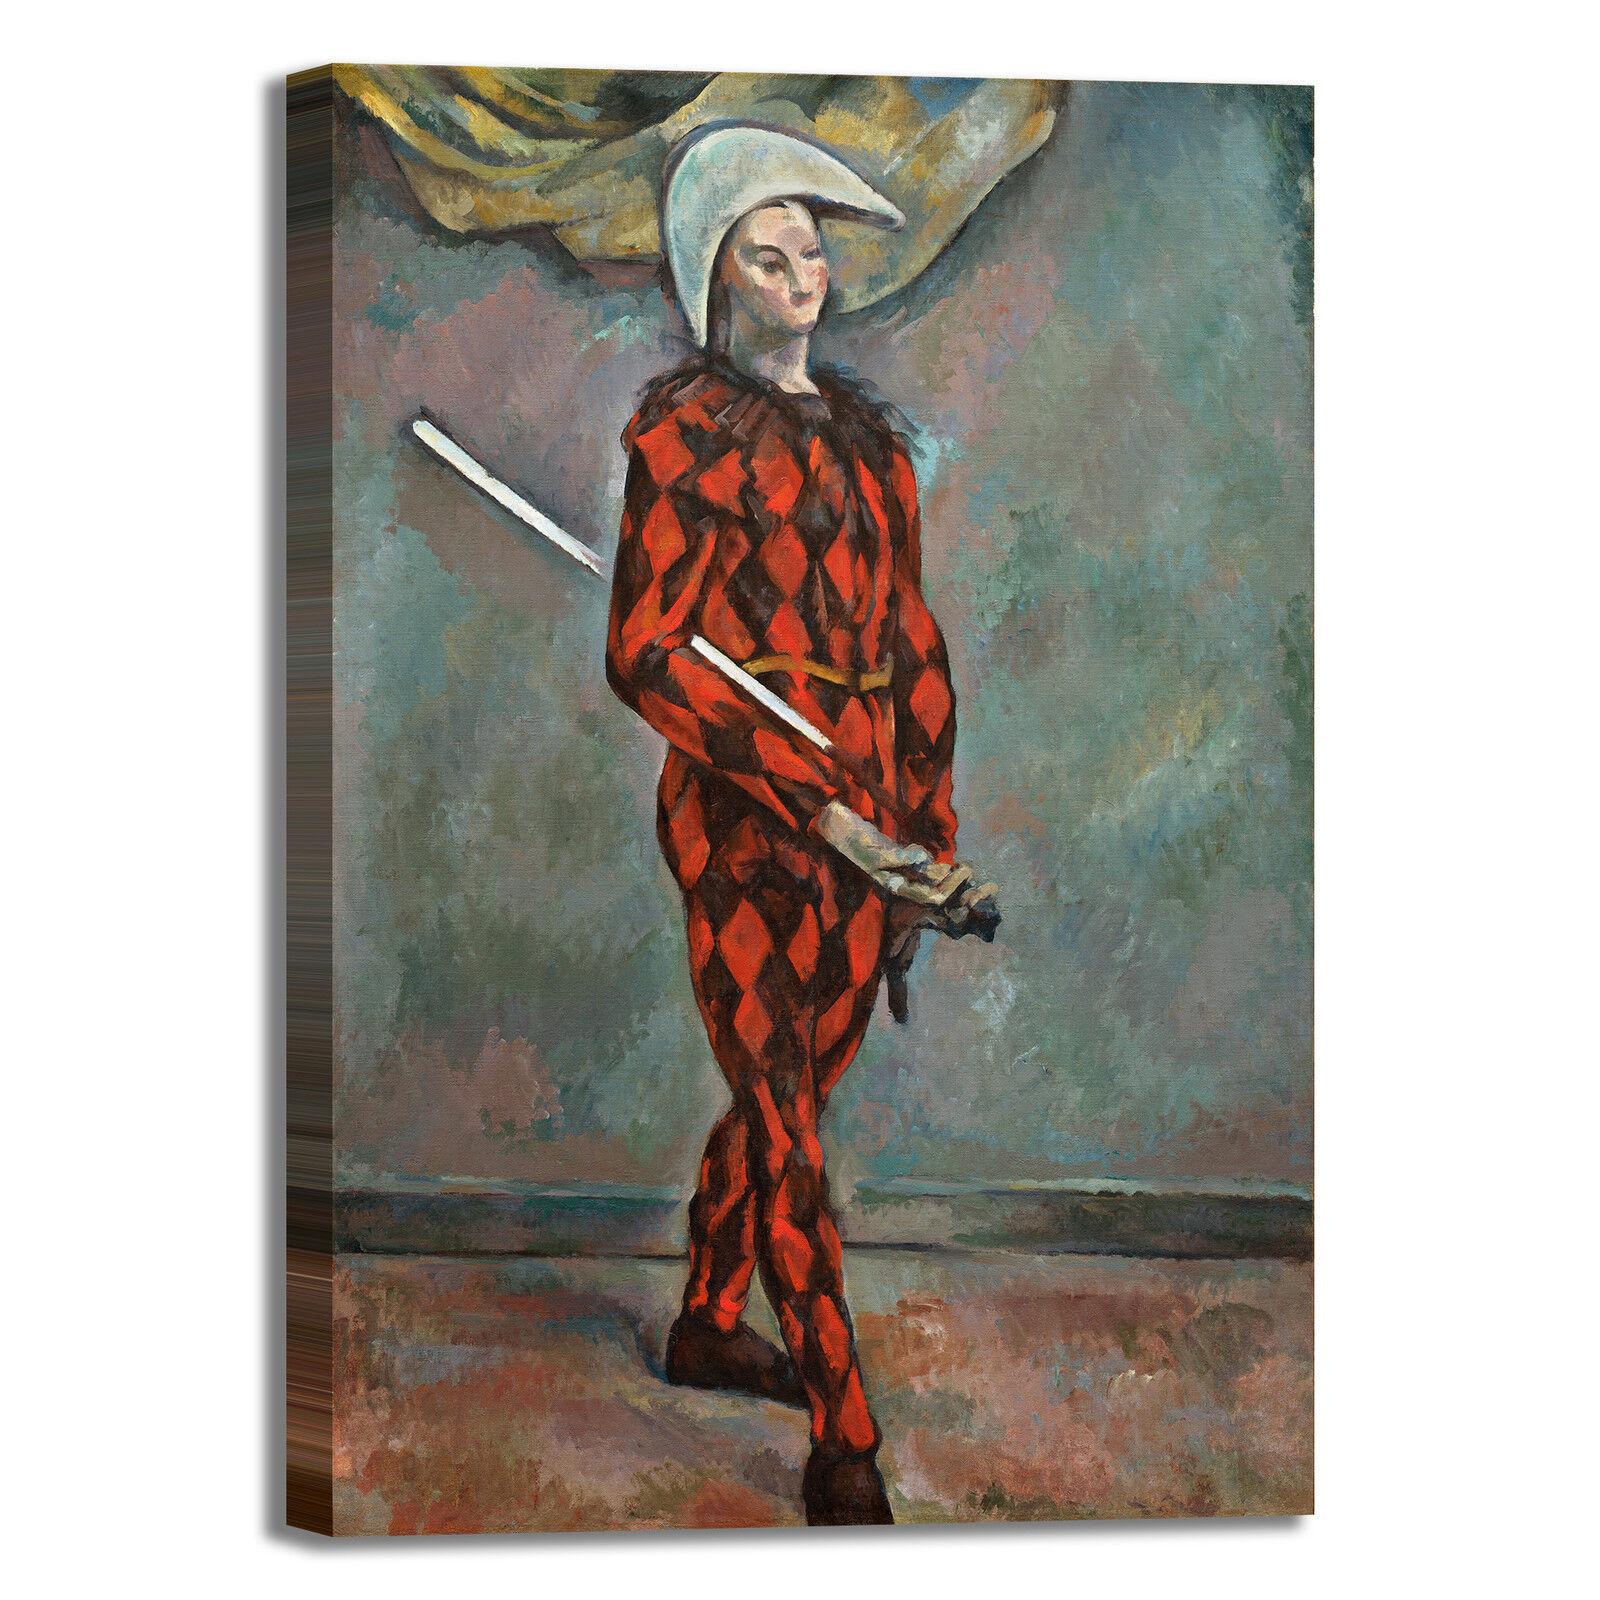 Cezanne arlecchino design tela quadro stampa tela design dipinto con telaio arRouge o casa d91a0d